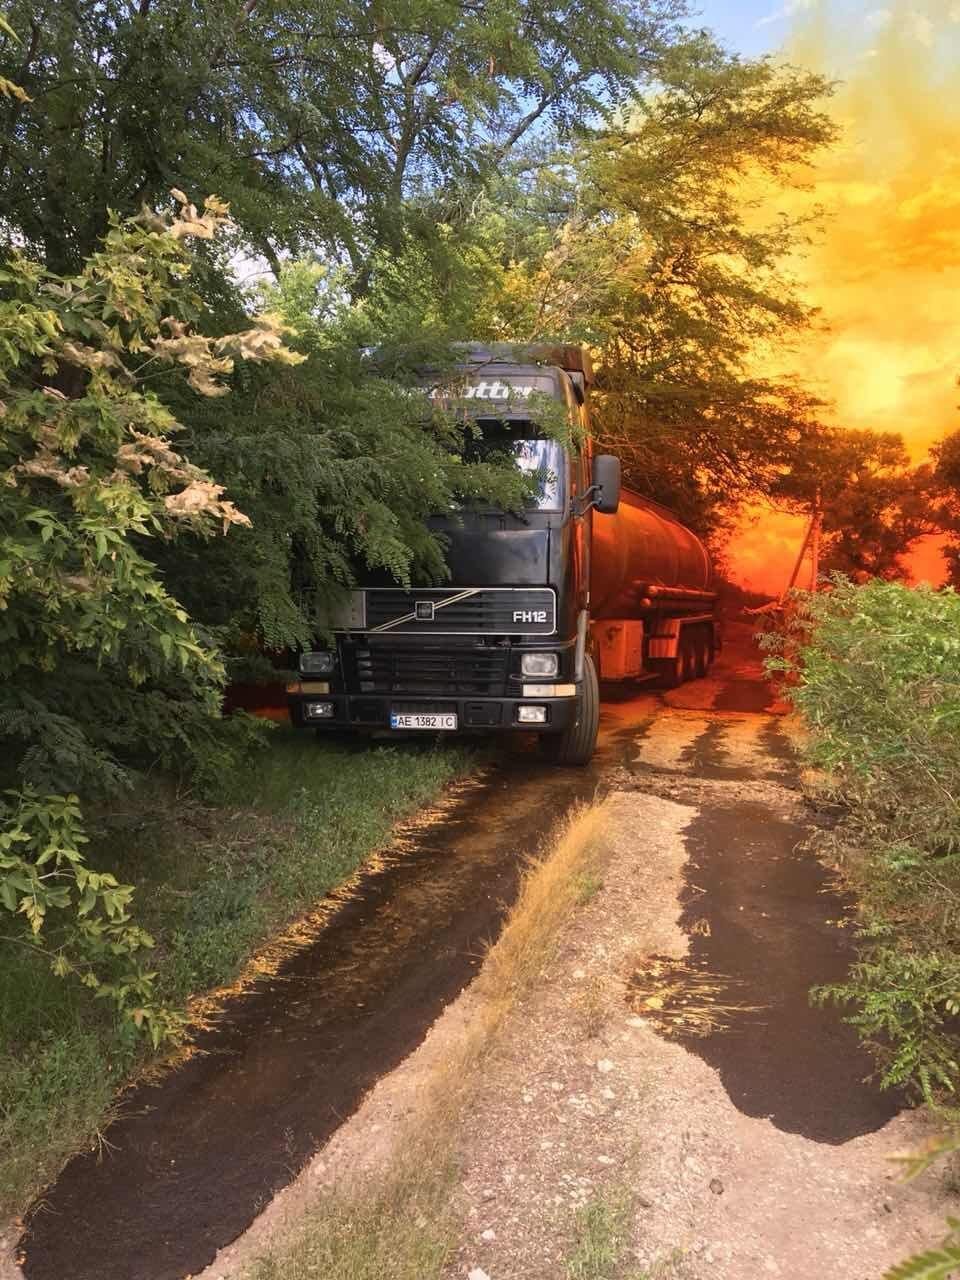 Утечка кислоты и ядовито-оранжевое облако: под Днепром по трассе растеклось химическое вещество, - ФОТО, ВИДЕО, фото-1